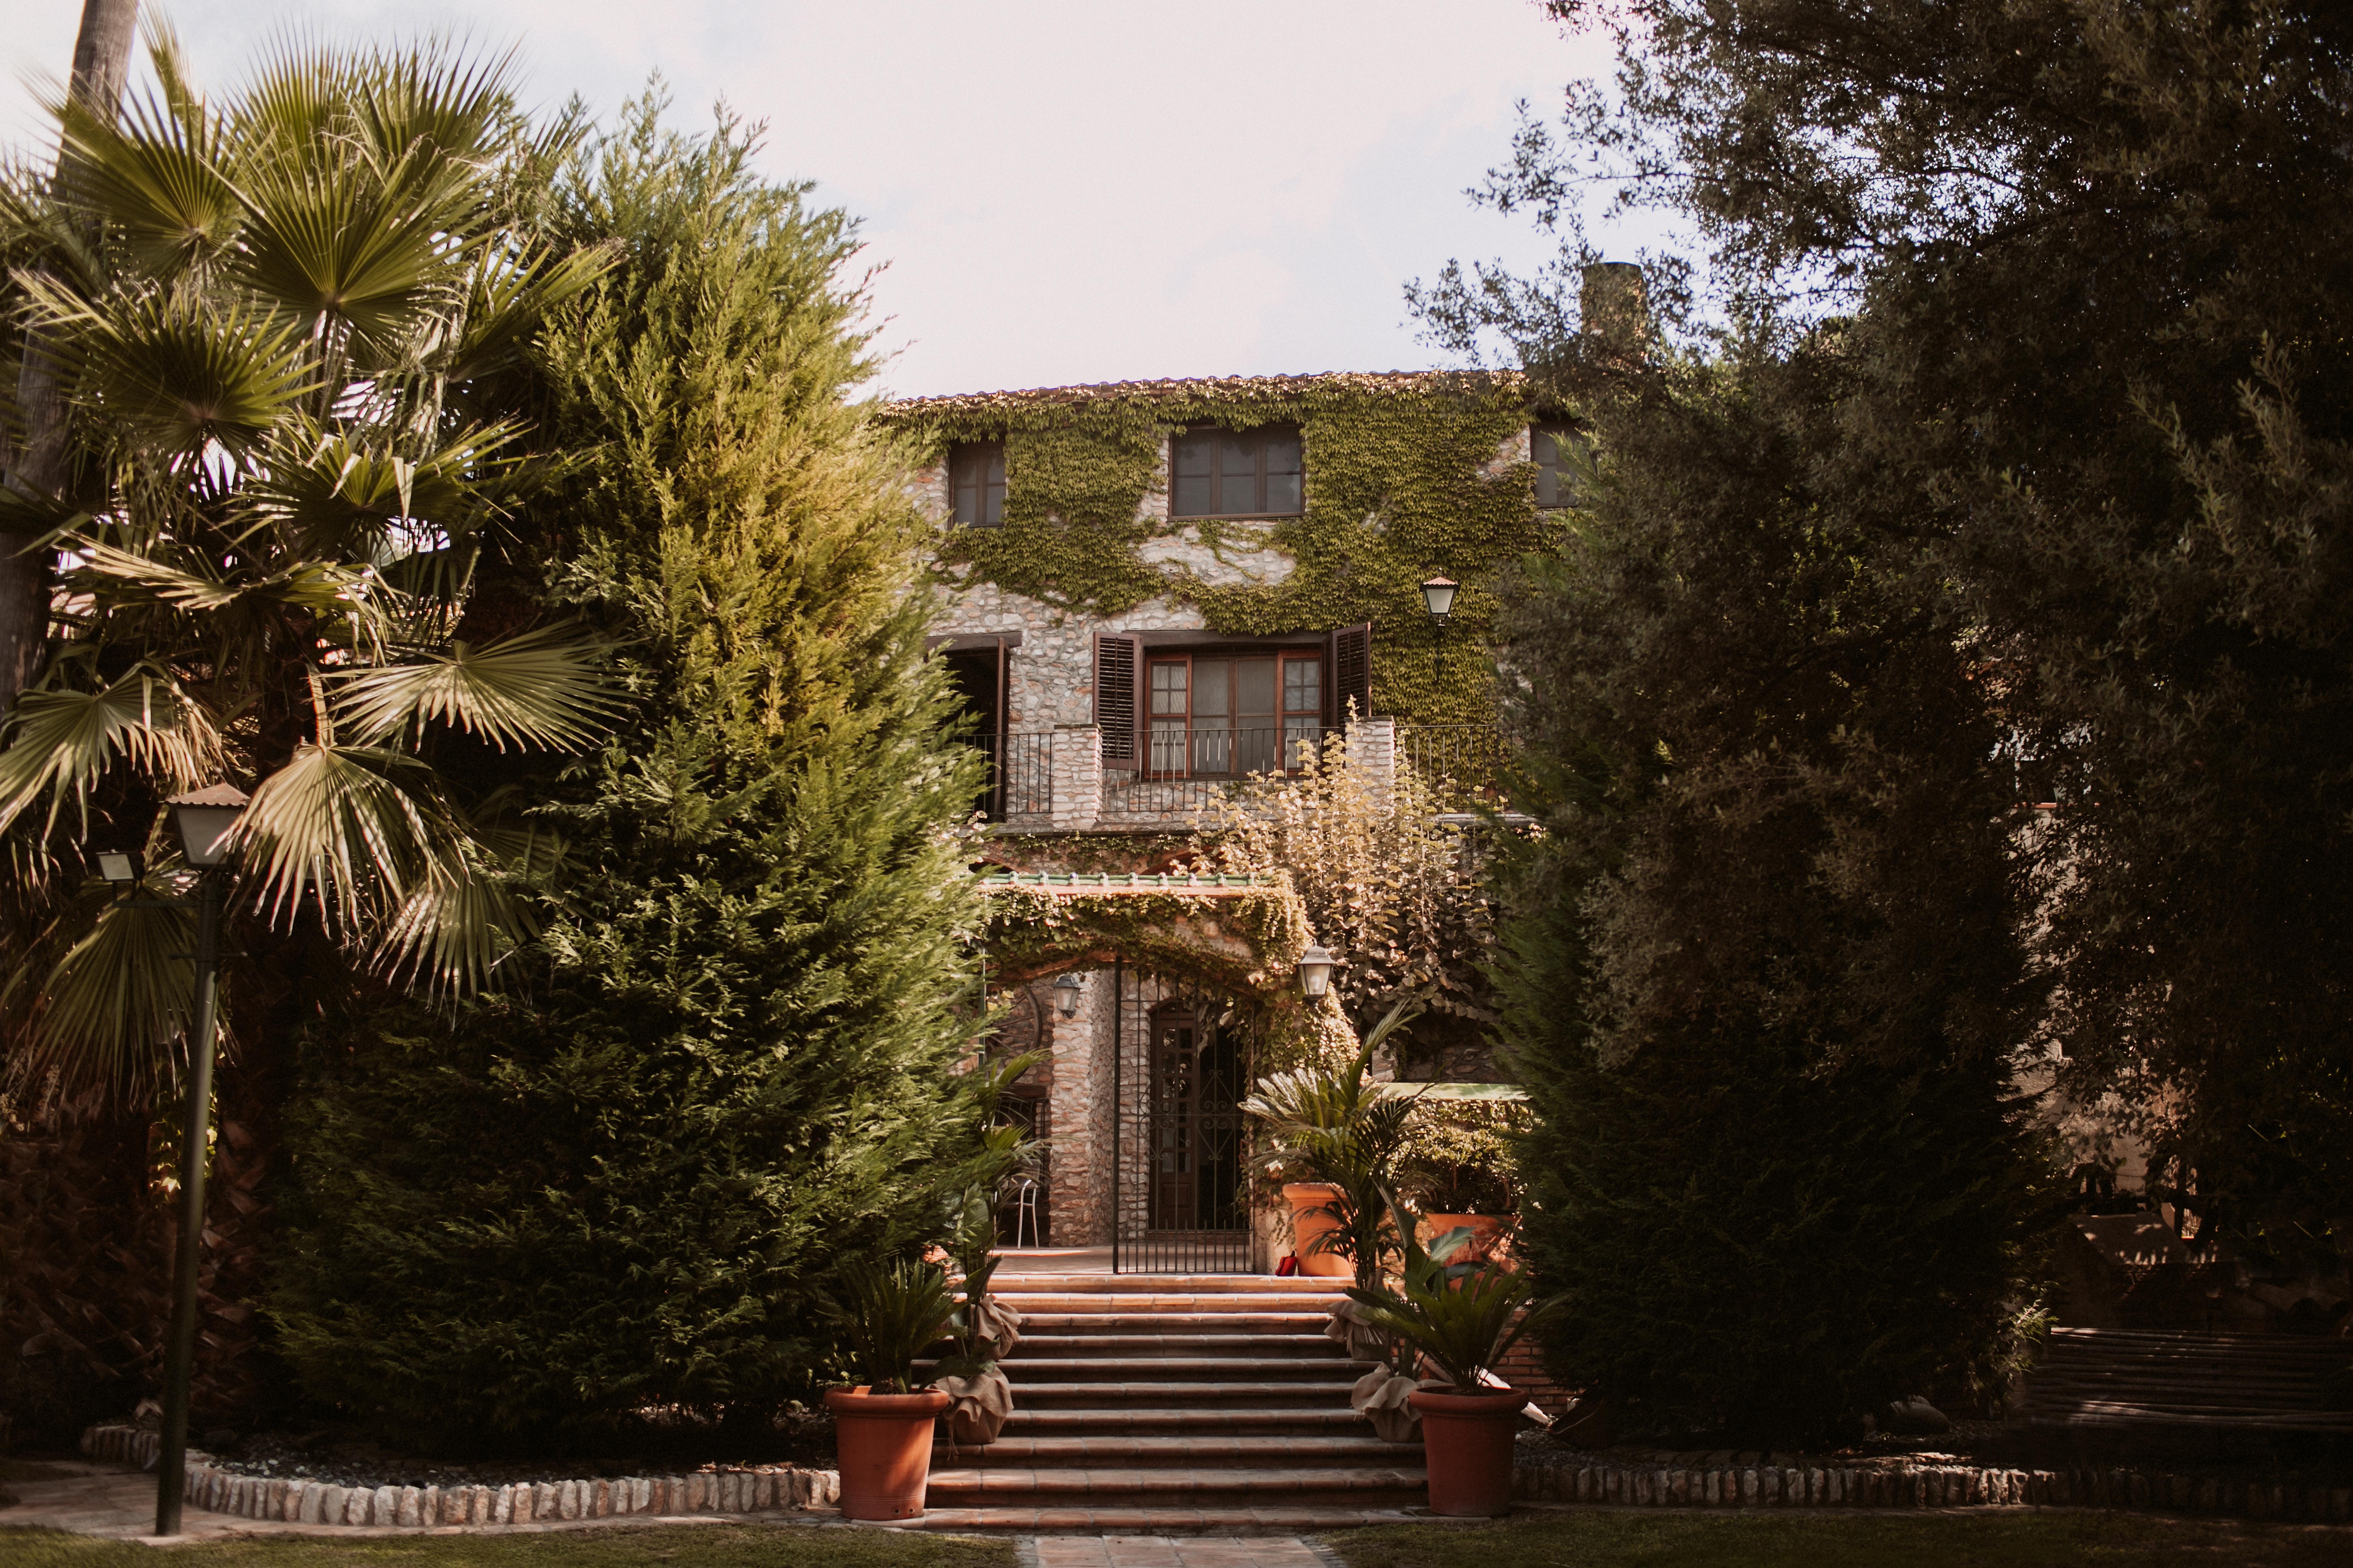 Castell-resort-wedding-venue